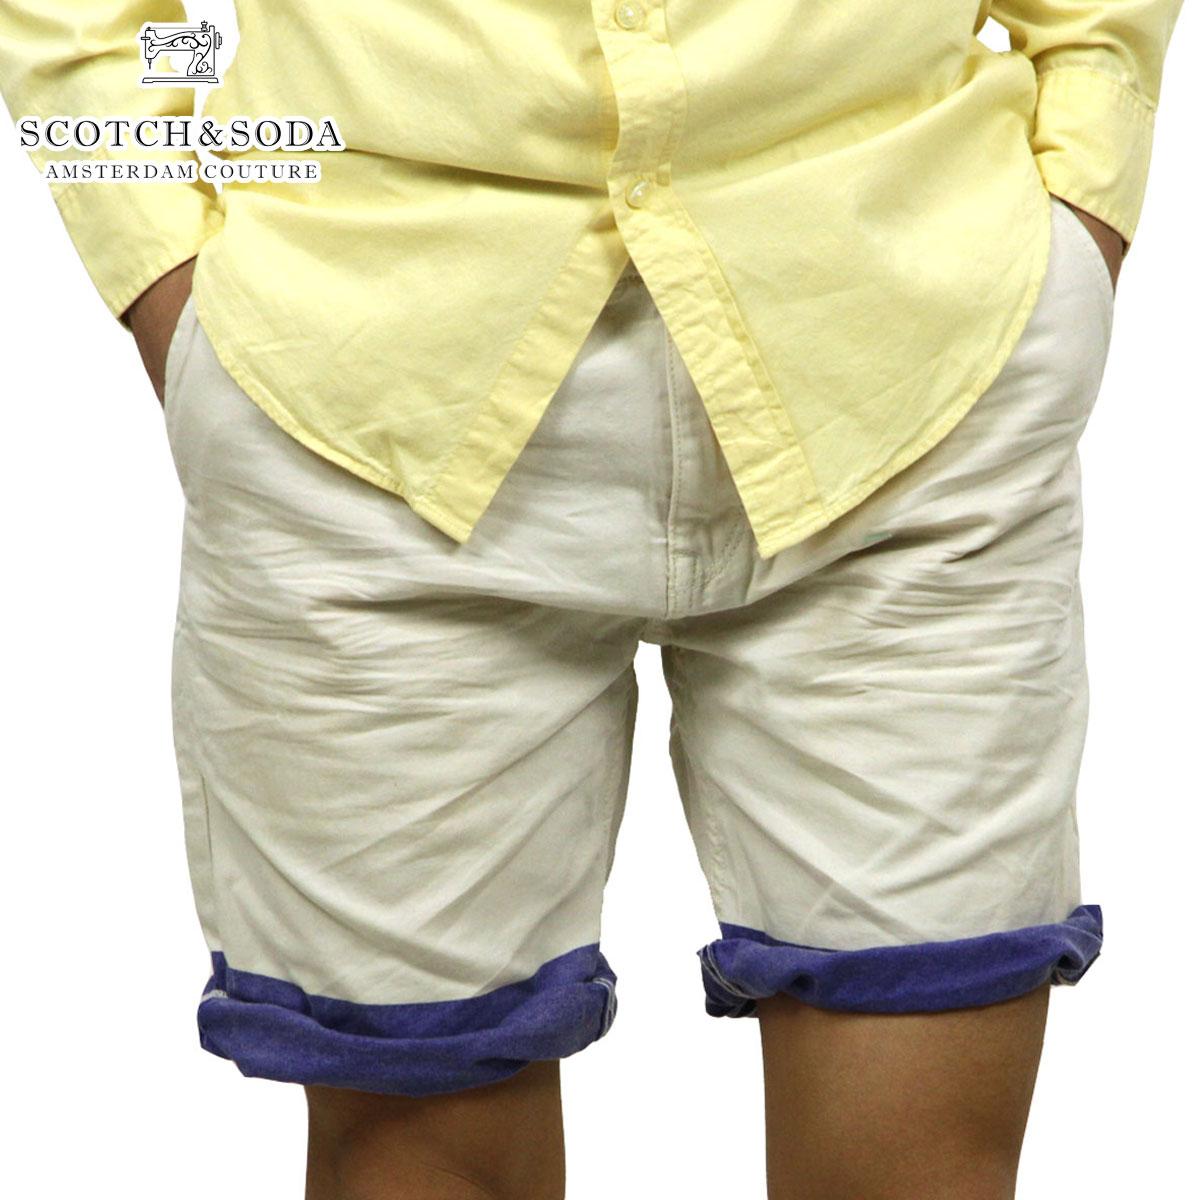 スコッチアンドソーダ SCOTCH&SODA 正規販売店 メンズ ショートパンツ Freeman Chino short - Canvas Garment Dyes 87093 13 D15S25